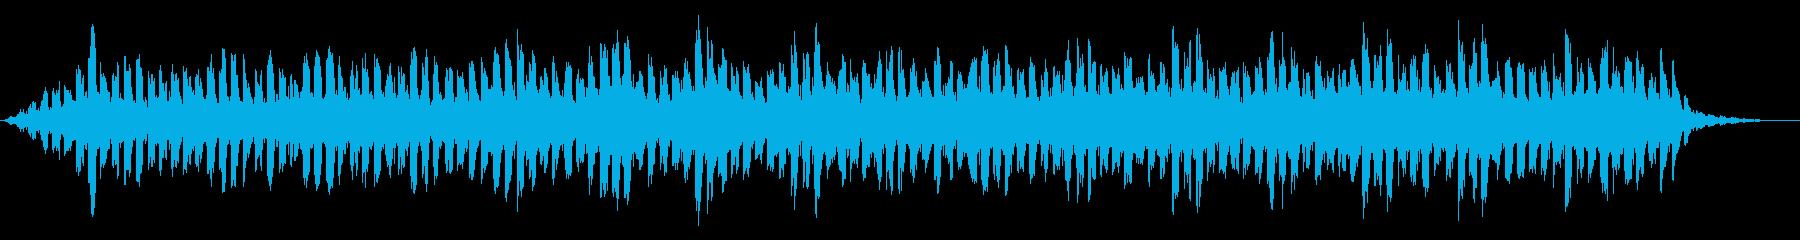 アンビエント 緊張感 テクノロジー...の再生済みの波形